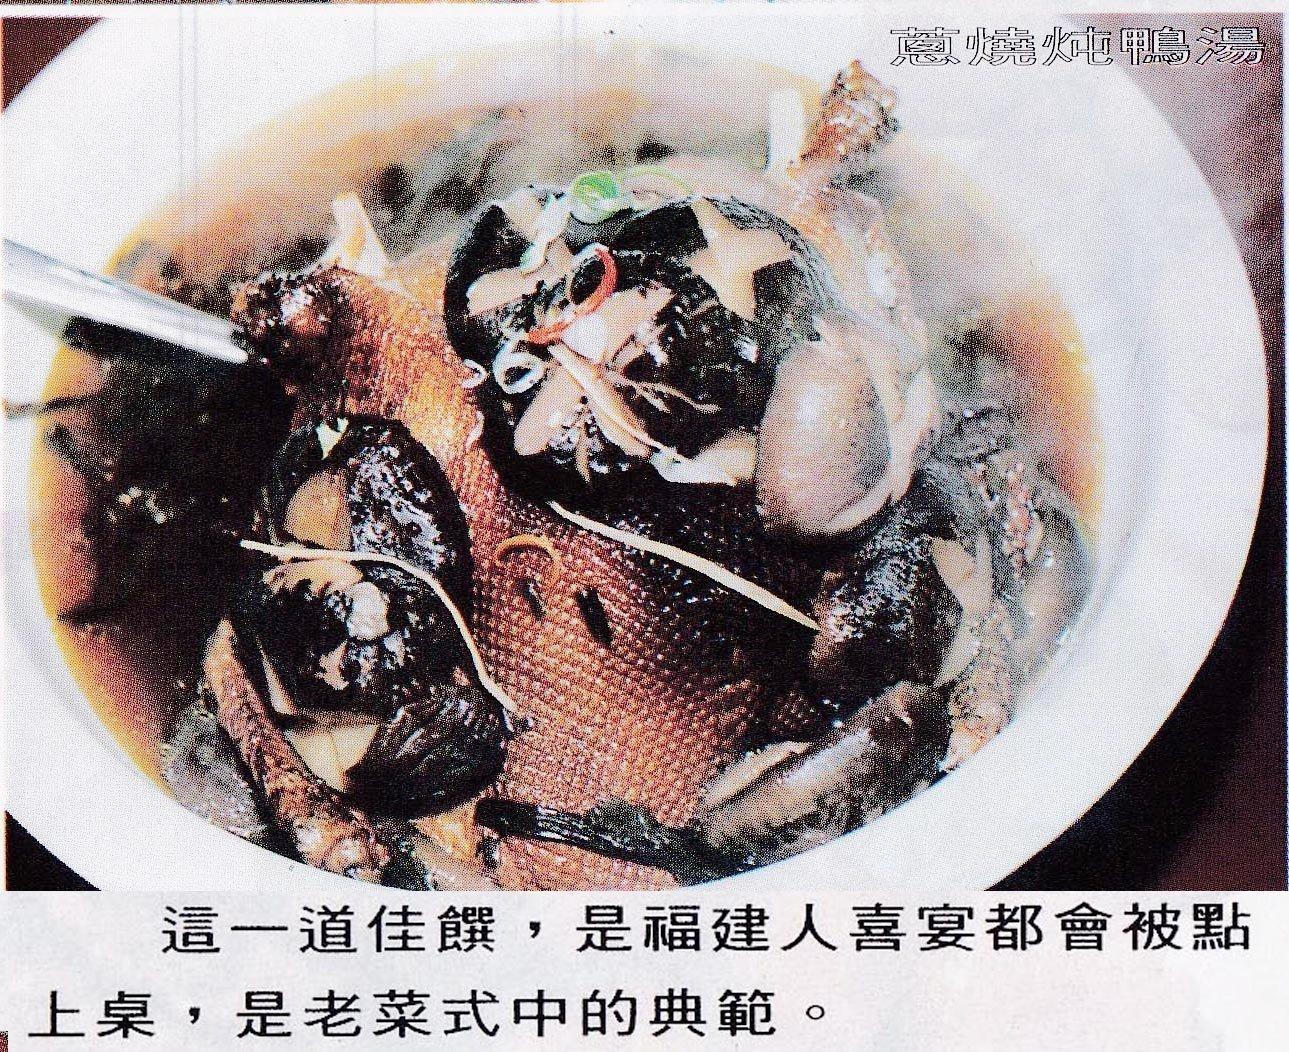 世界美食大师-最早溯源籍贯菜 葱烧鸭